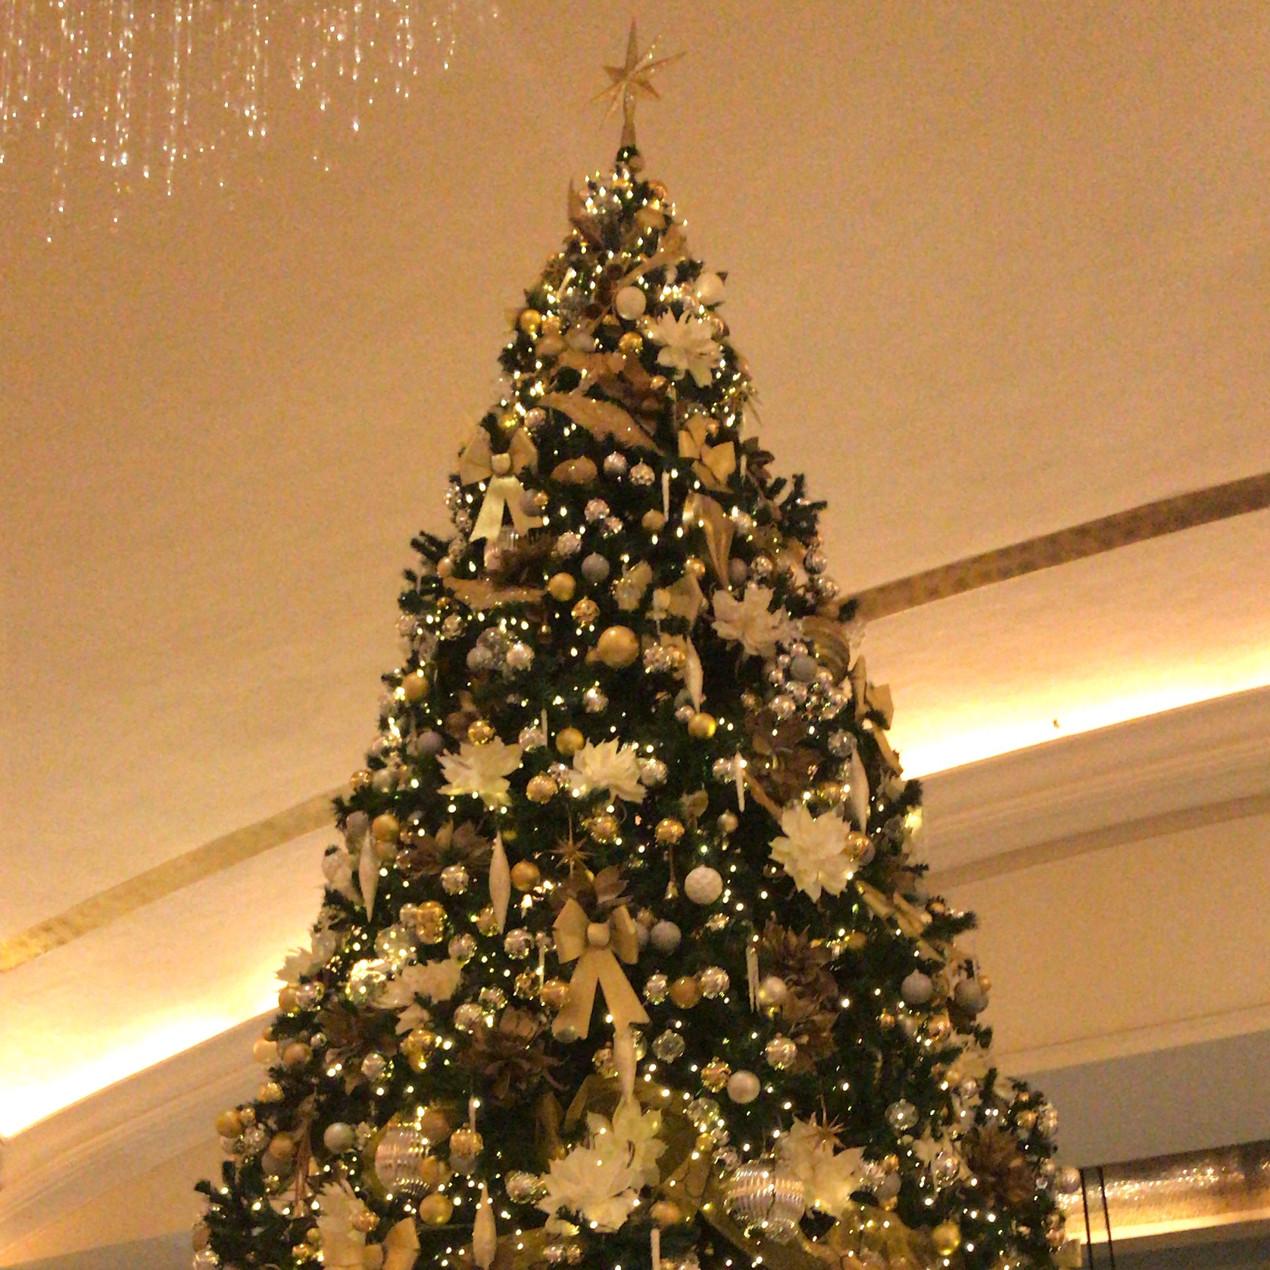 Christmas Tree in St. Regis